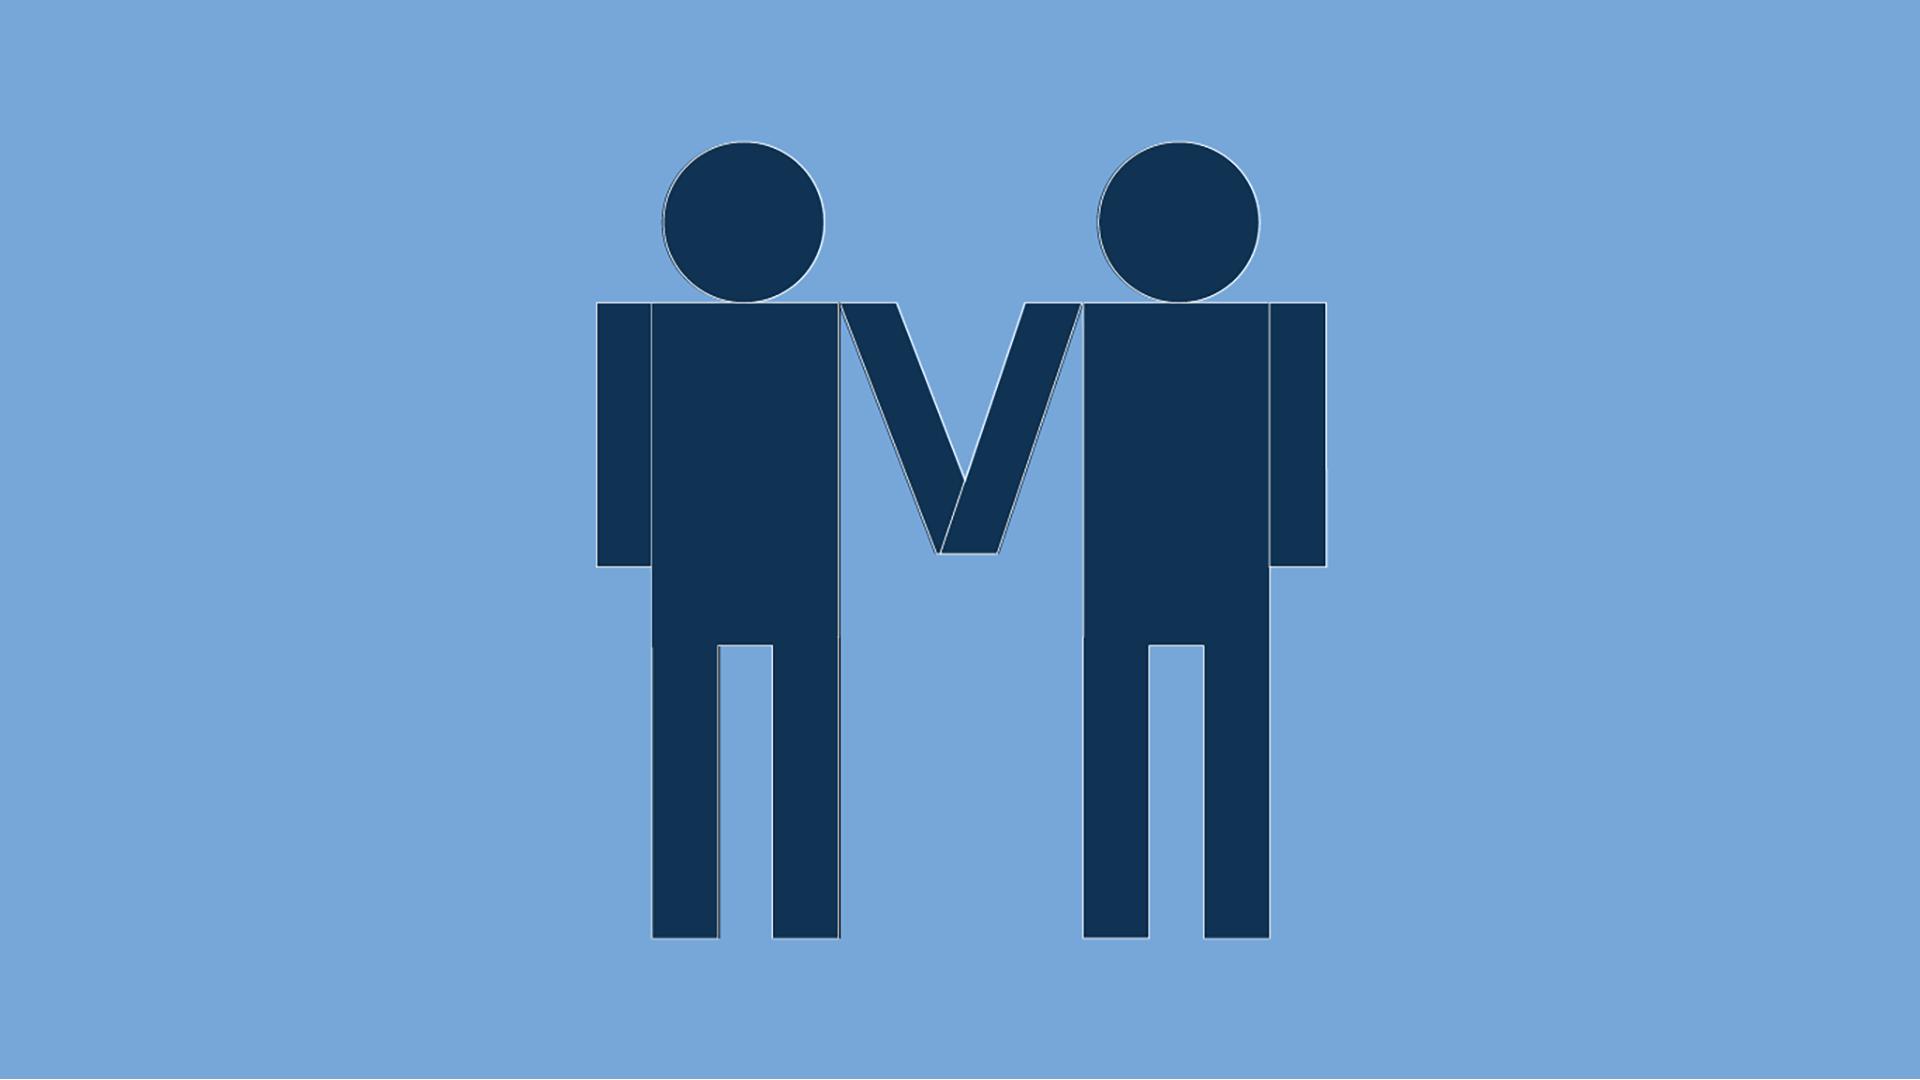 LGBTQI (レズビアン、ゲイ、両性愛者、トランスジェンダー、クィア、間性など性的マイノリティ)